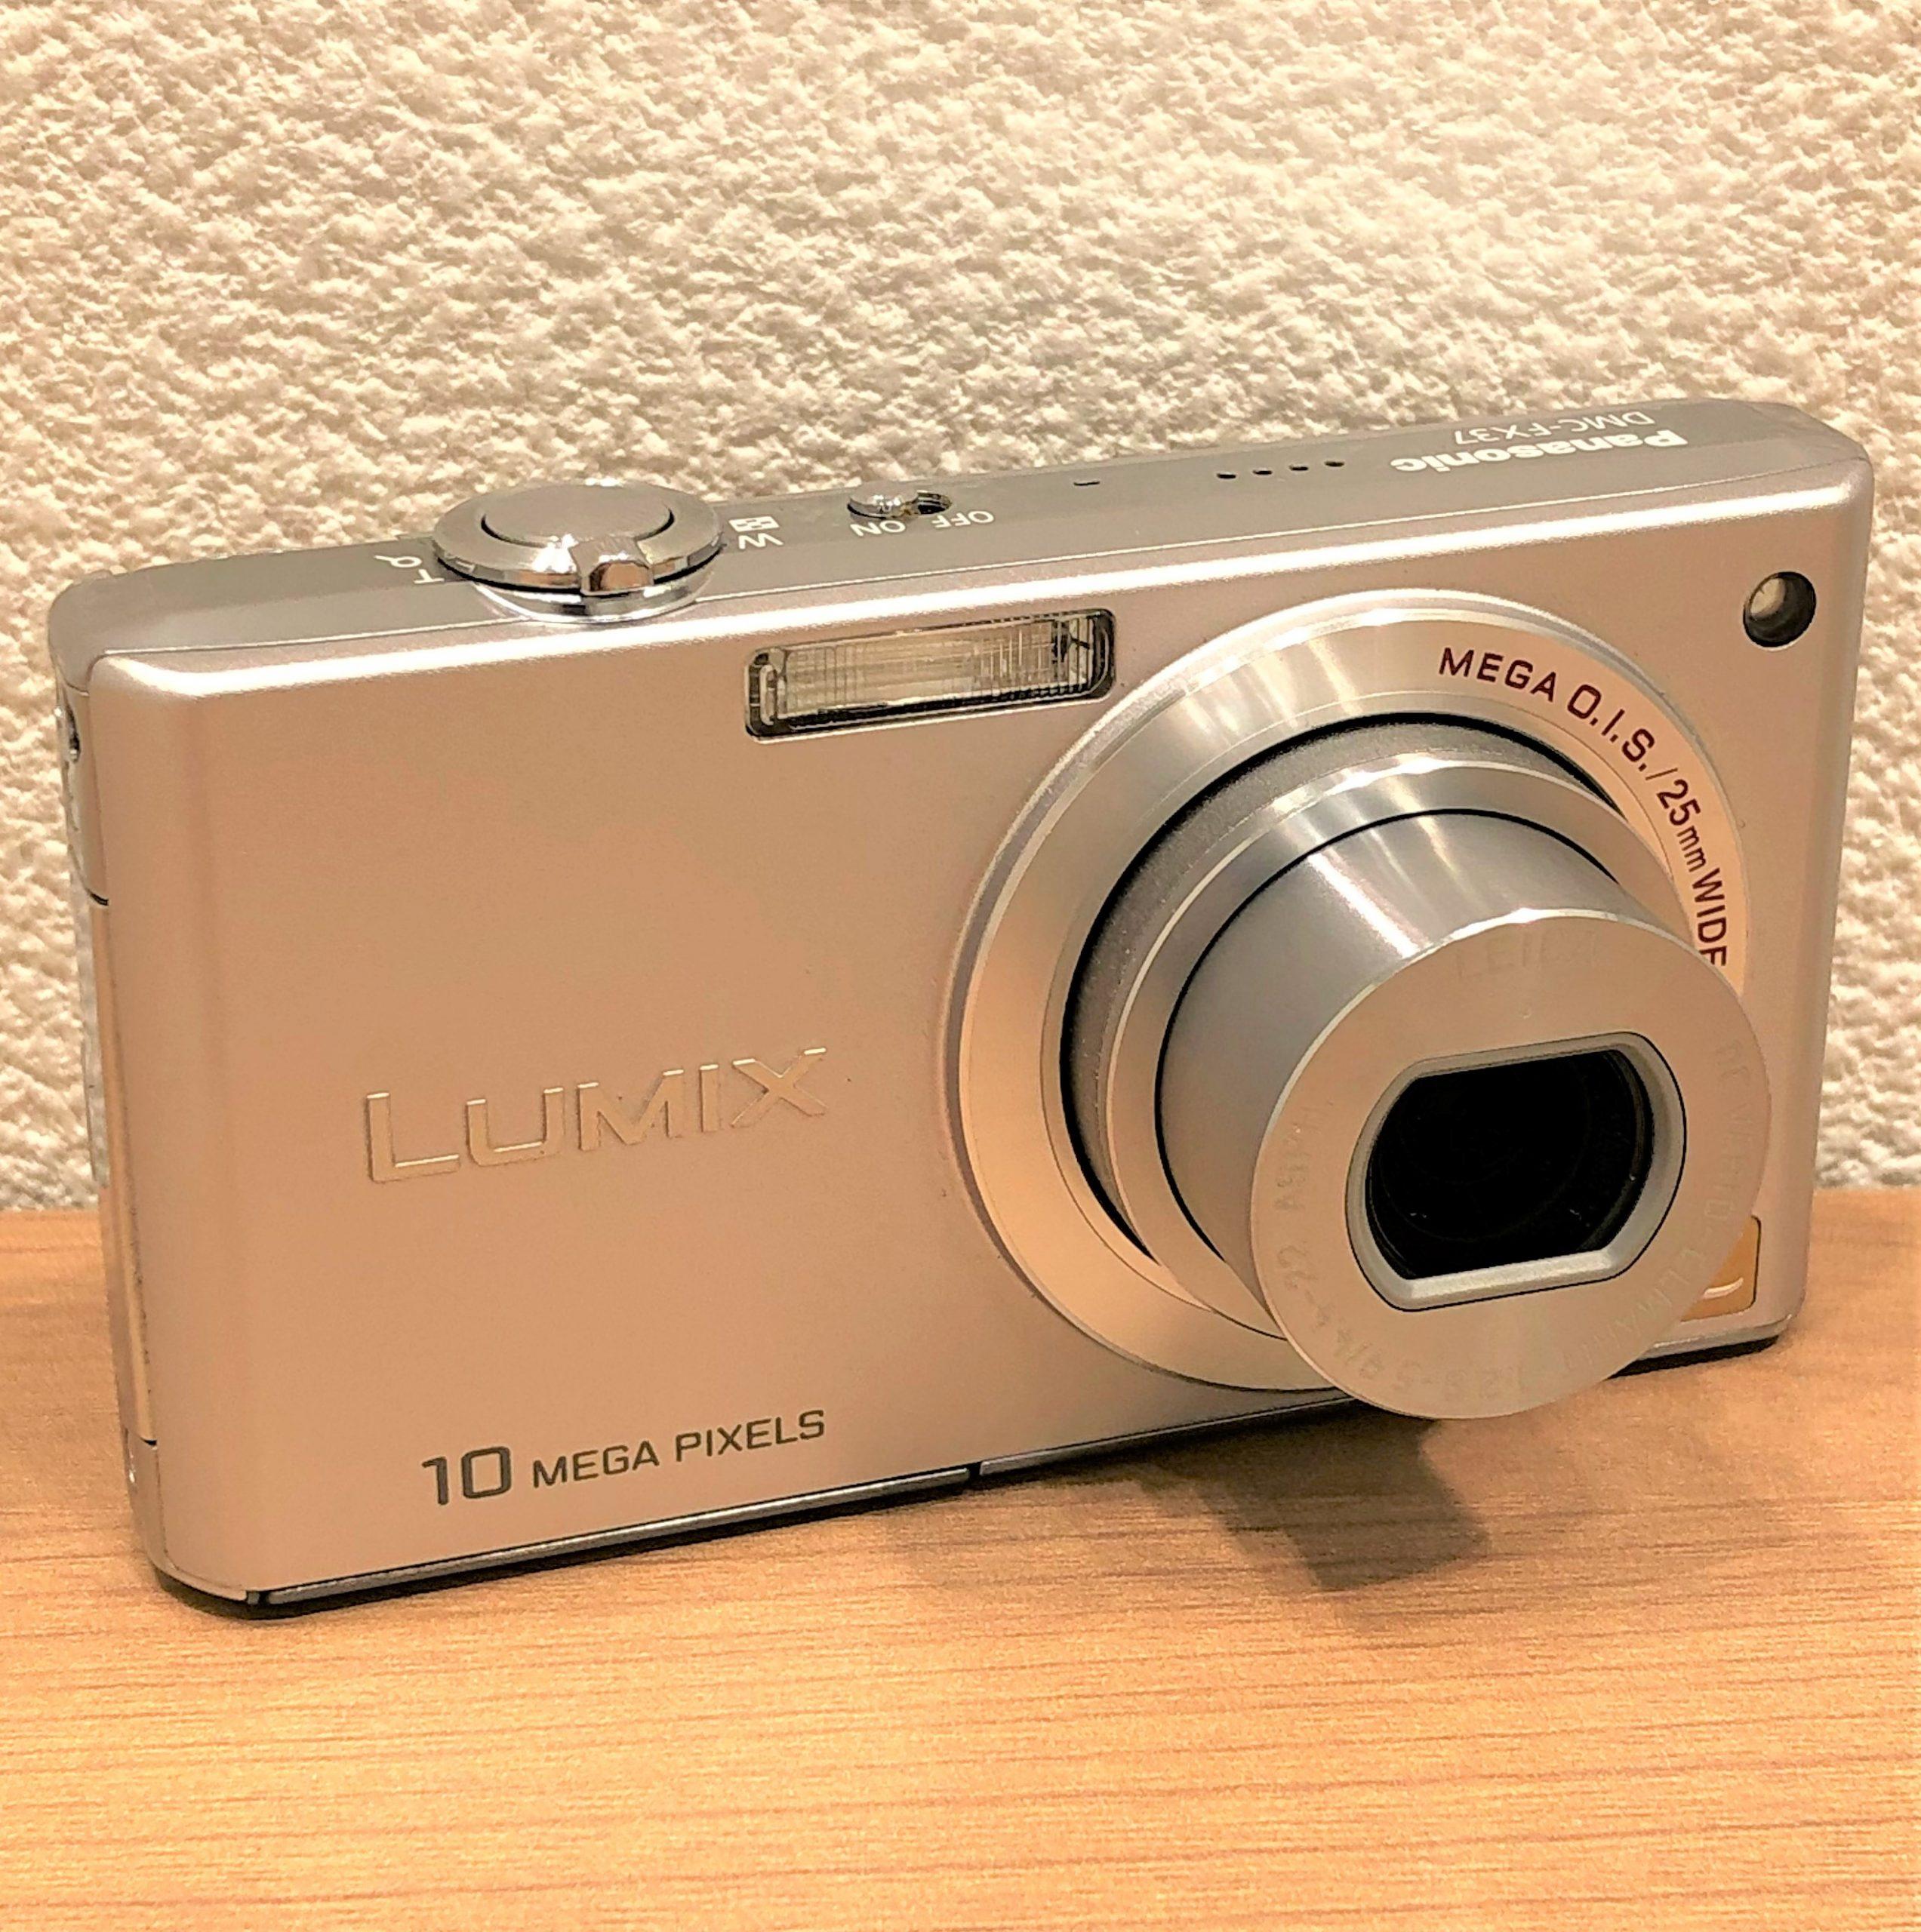 【Panasonic/パナソニック】ルミックス DMC-FX37 コンパクトデジタルカメラ